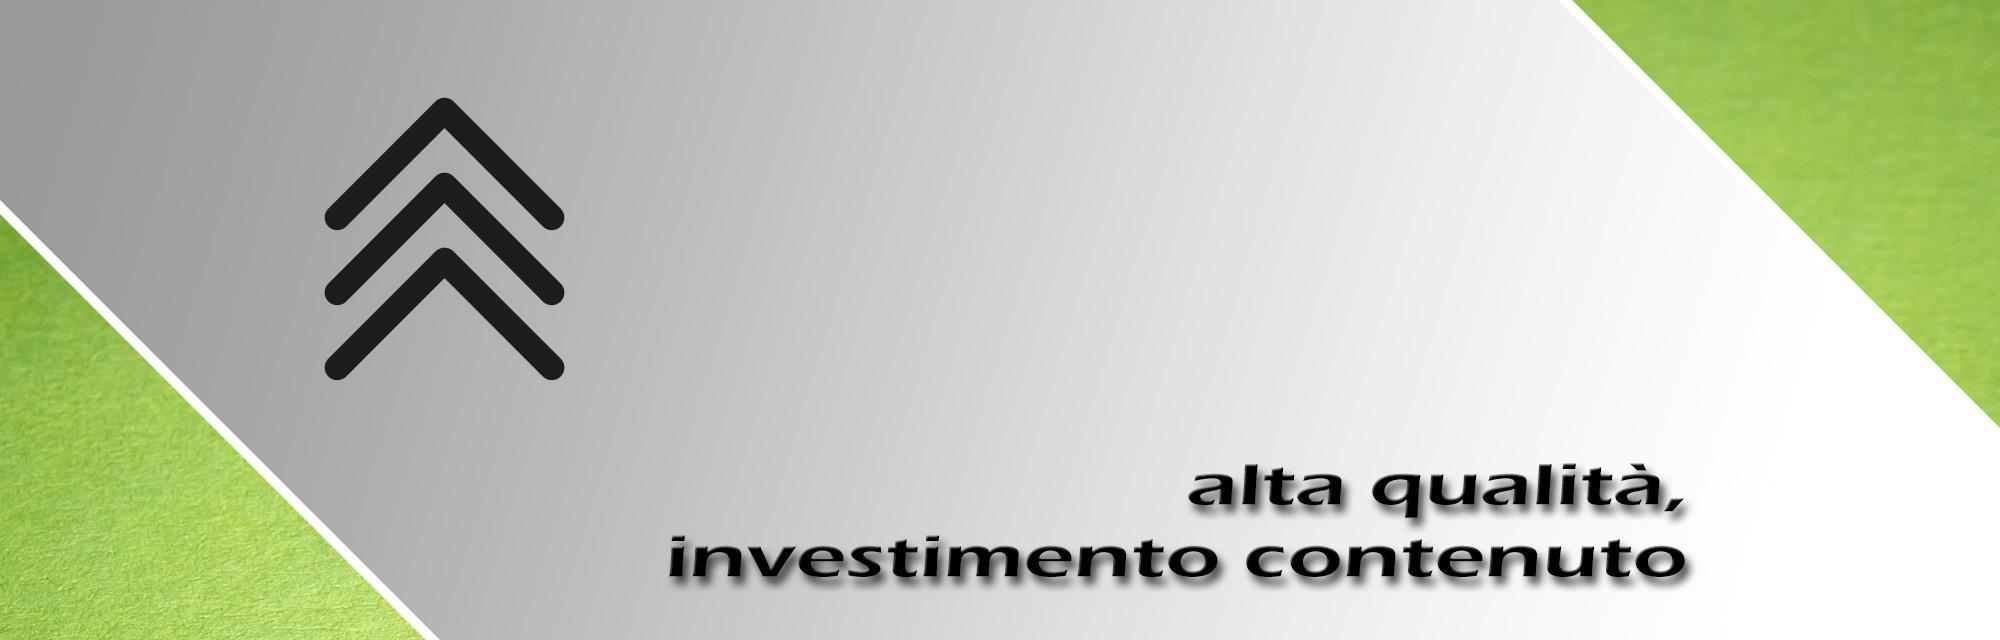 Digifactory è alta qualità con investimento contenuto